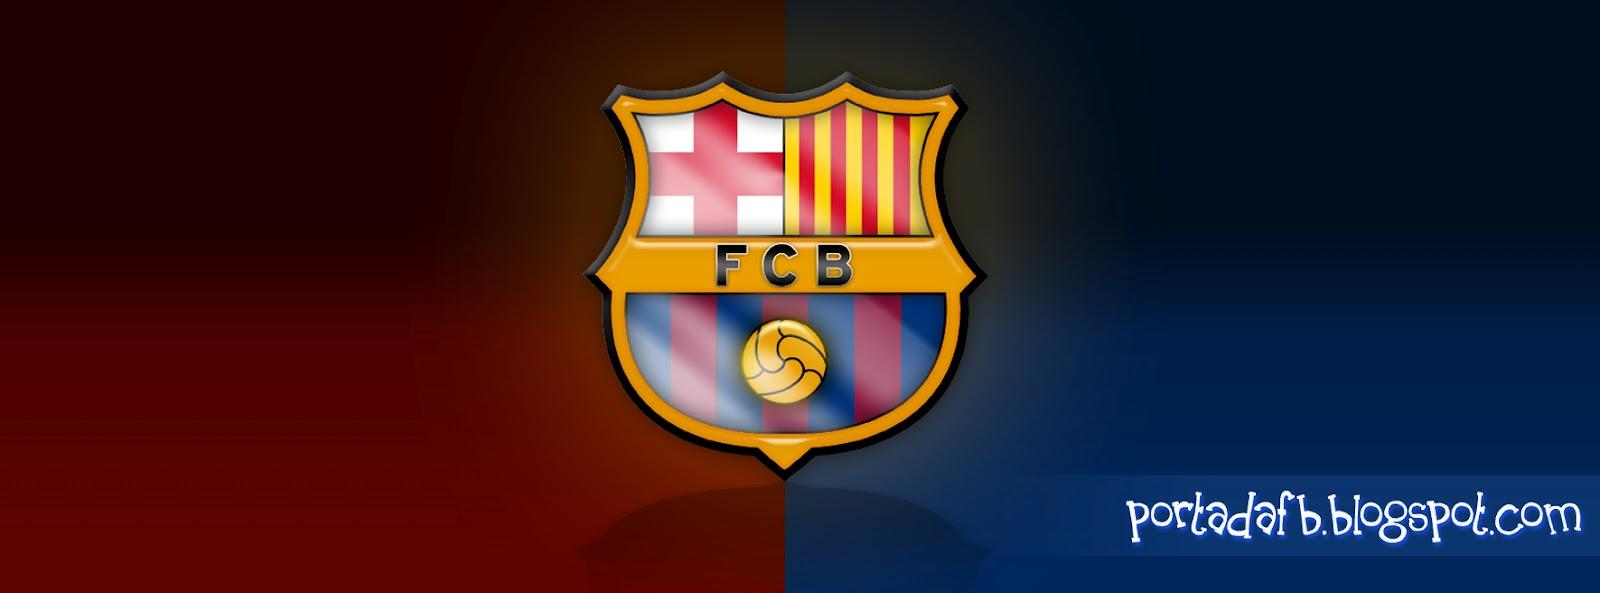 DISEÑO PORTADA PARA FB - FC BARCELONA